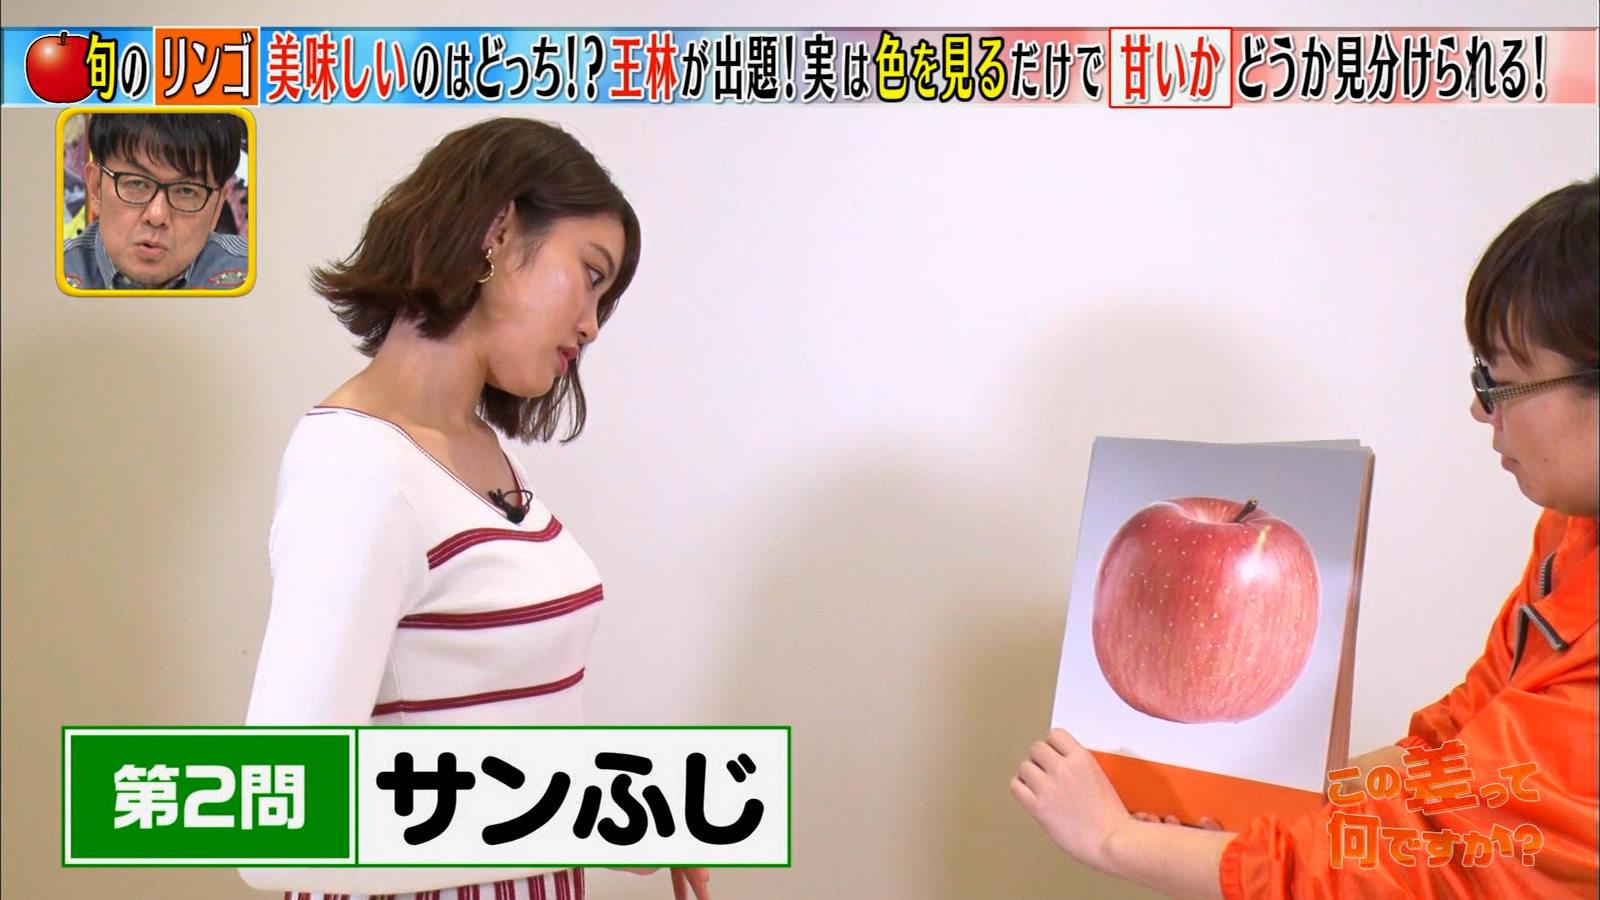 王林_おっぱい_横乳_テレビキャプ画像_05